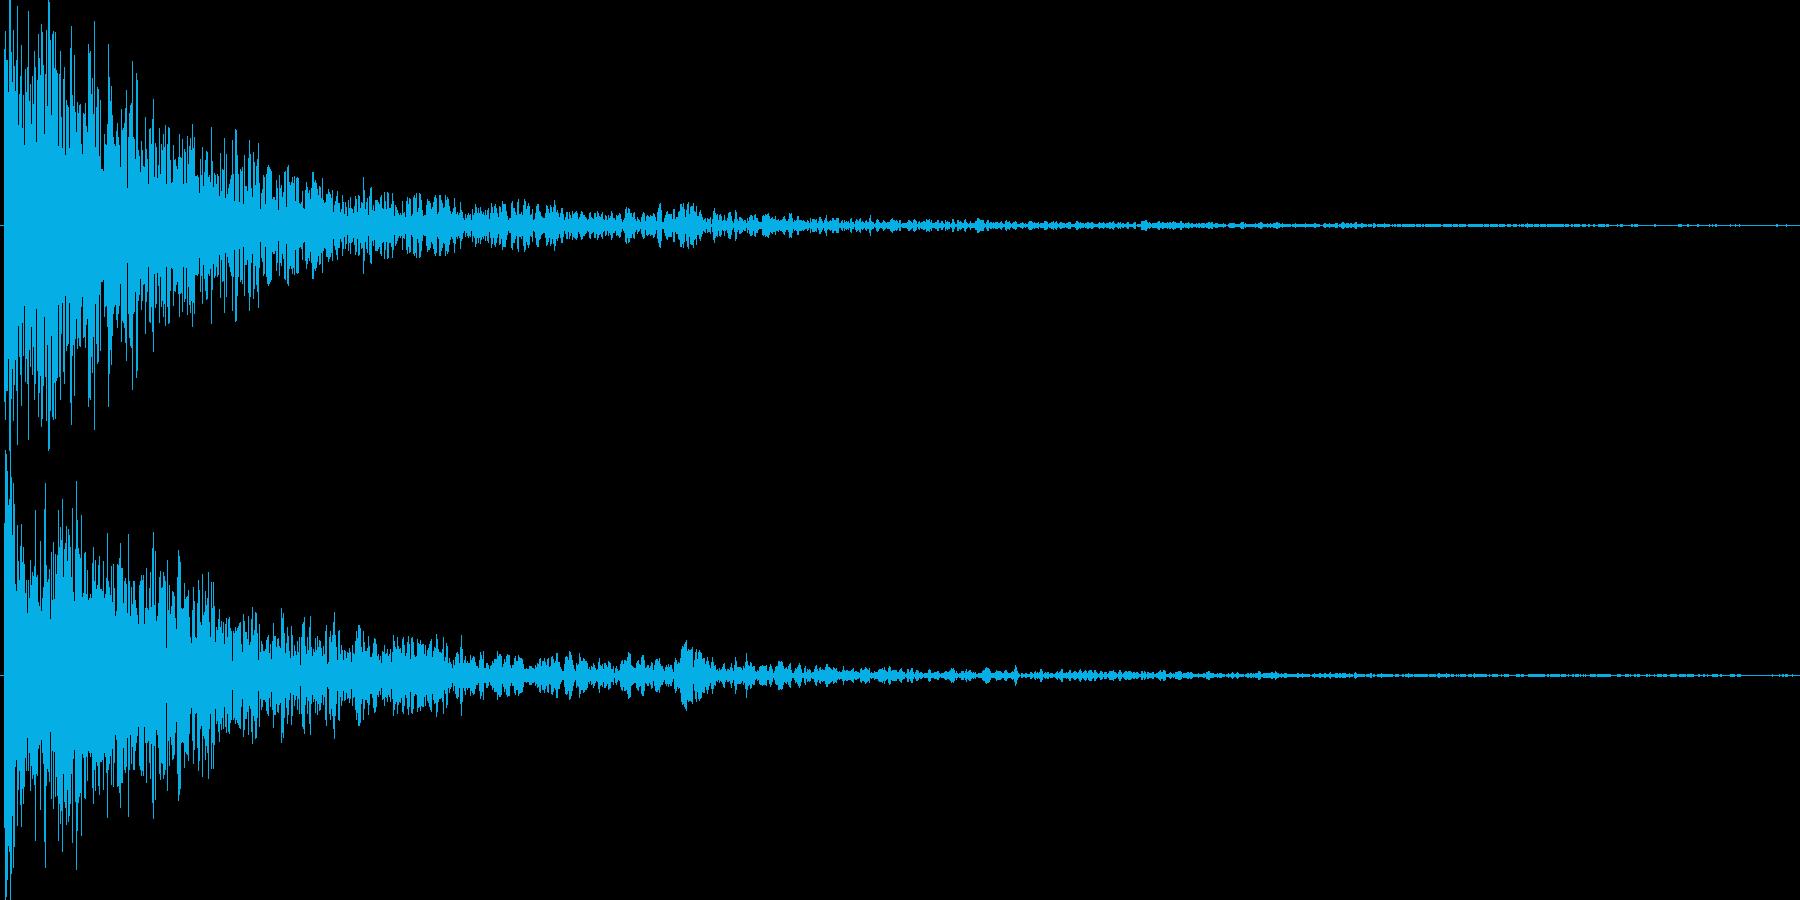 オリジナルシンセによる衝撃音の再生済みの波形